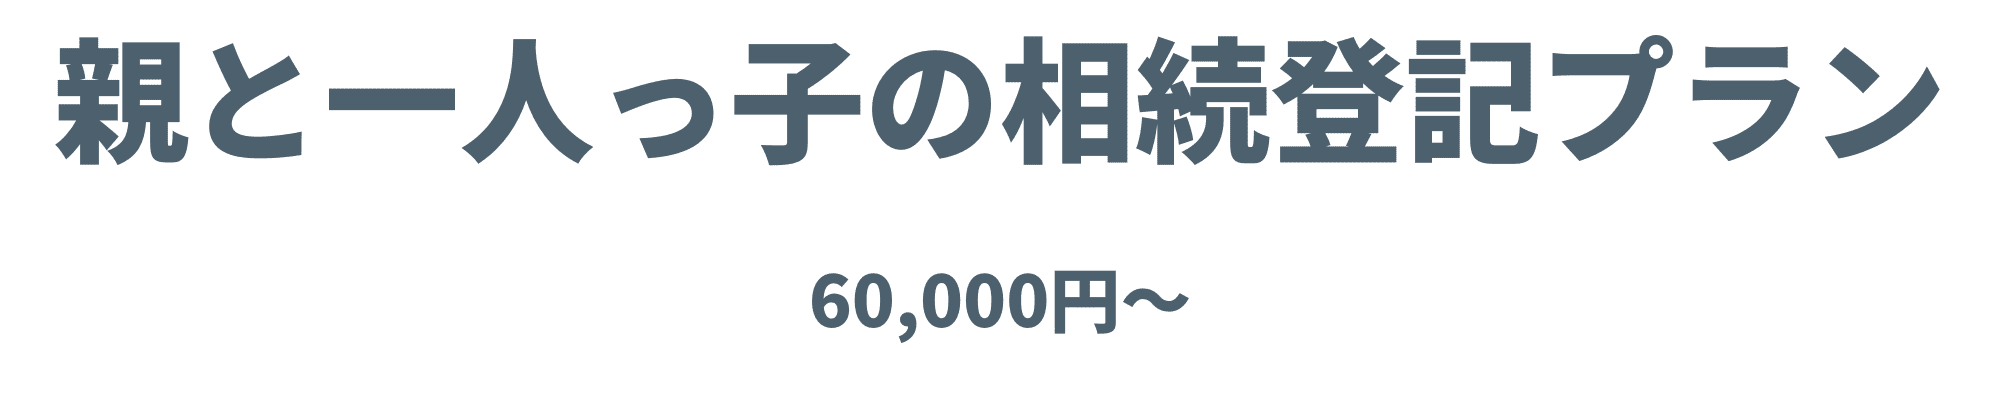 親と一人っ子の相続登記プラン60,000円~